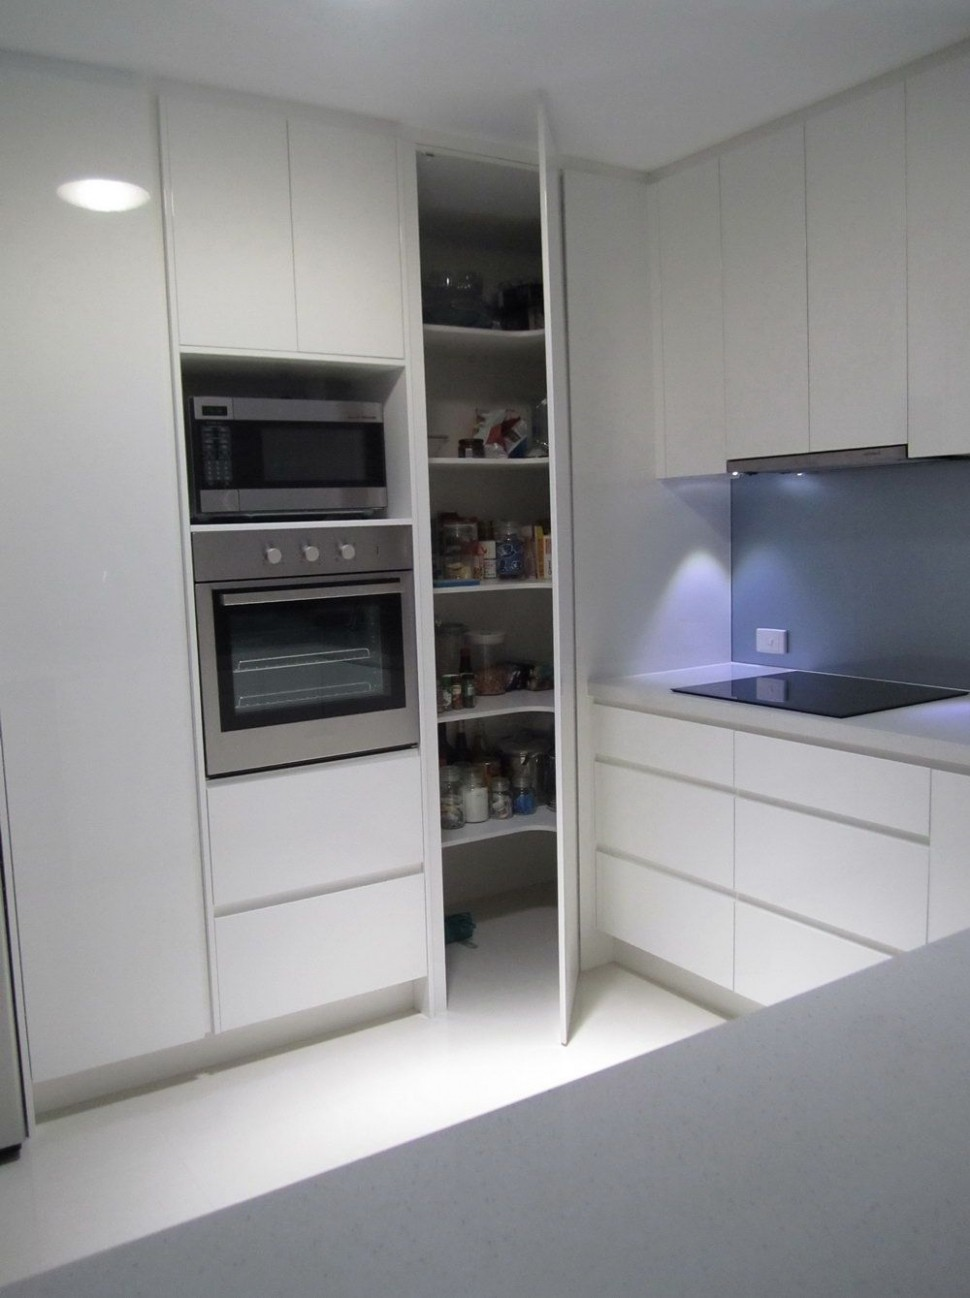 floor to ceiling kitchen cabinets w weird corner - Google Search  - Floor To Ceiling Corner Kitchen Cabinets